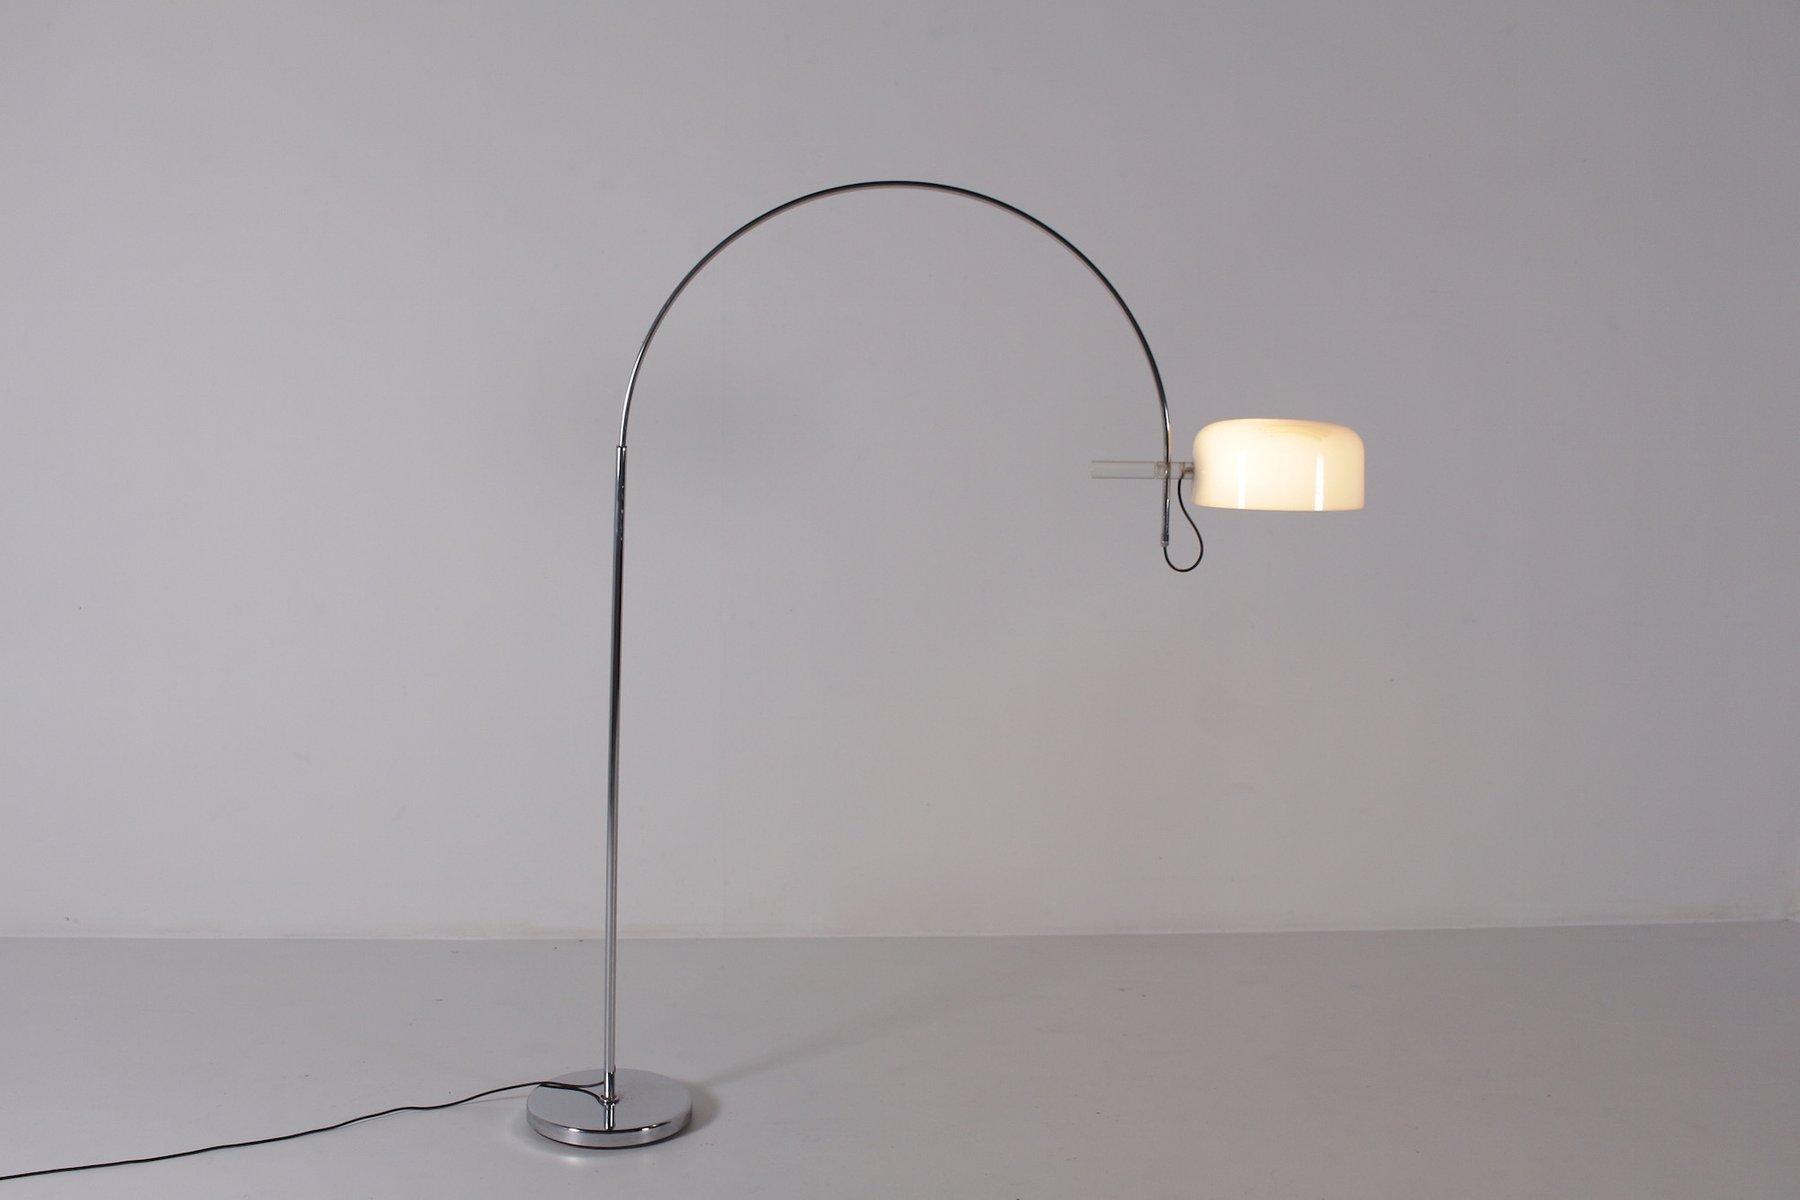 Faszinierend Stehlampe Bogen Dekoration Von Modulare Bogen-stehlampe, 1970er